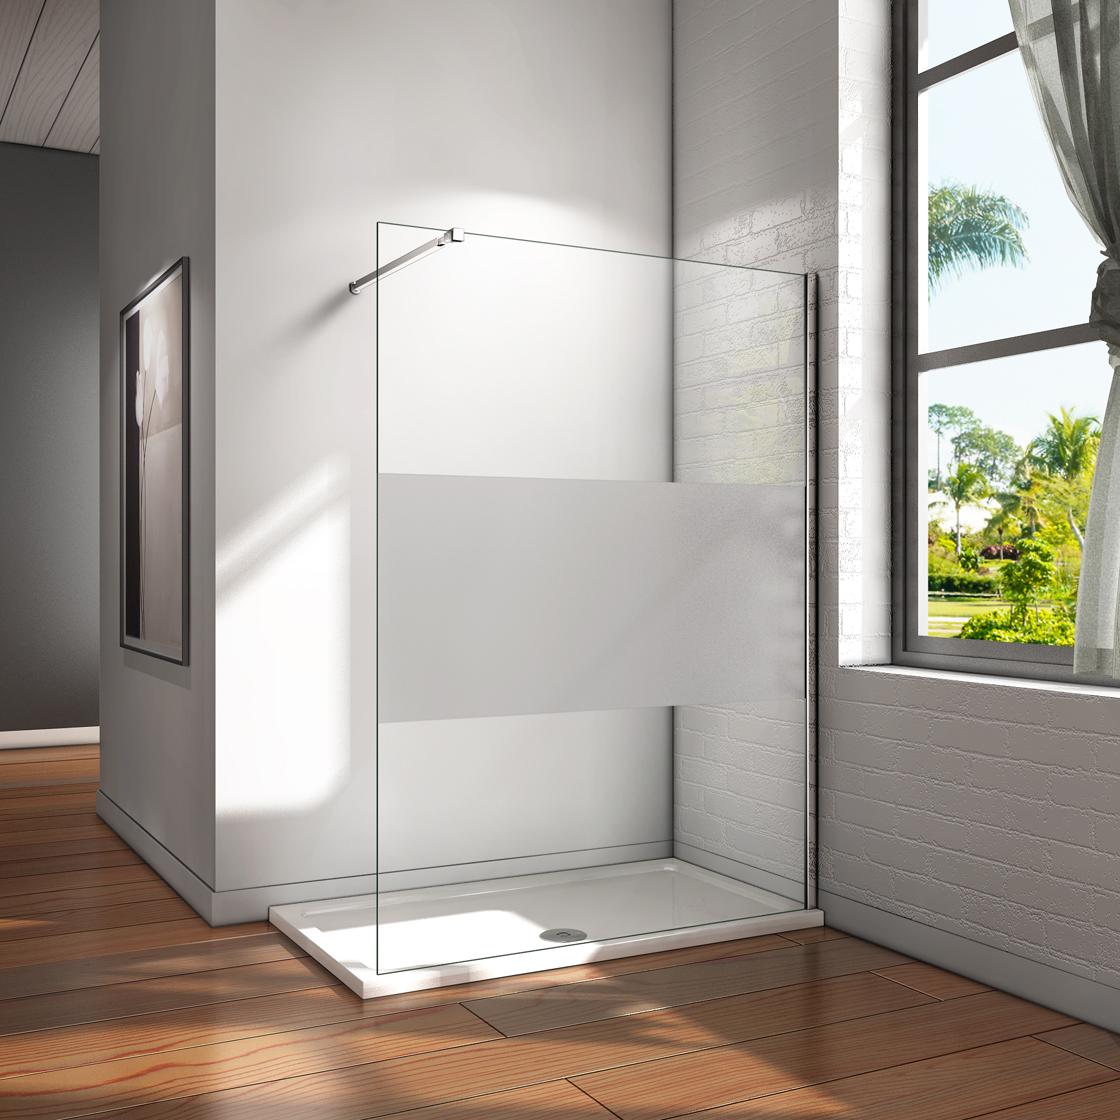 Full Size of Walkin Dusche Glastrennwand Einhebelmischer Haltegriff Hüppe Duschen Behindertengerechte Einbauen Ebenerdige Kosten Pendeltür Glasabtrennung Thermostat Dusche Walkin Dusche